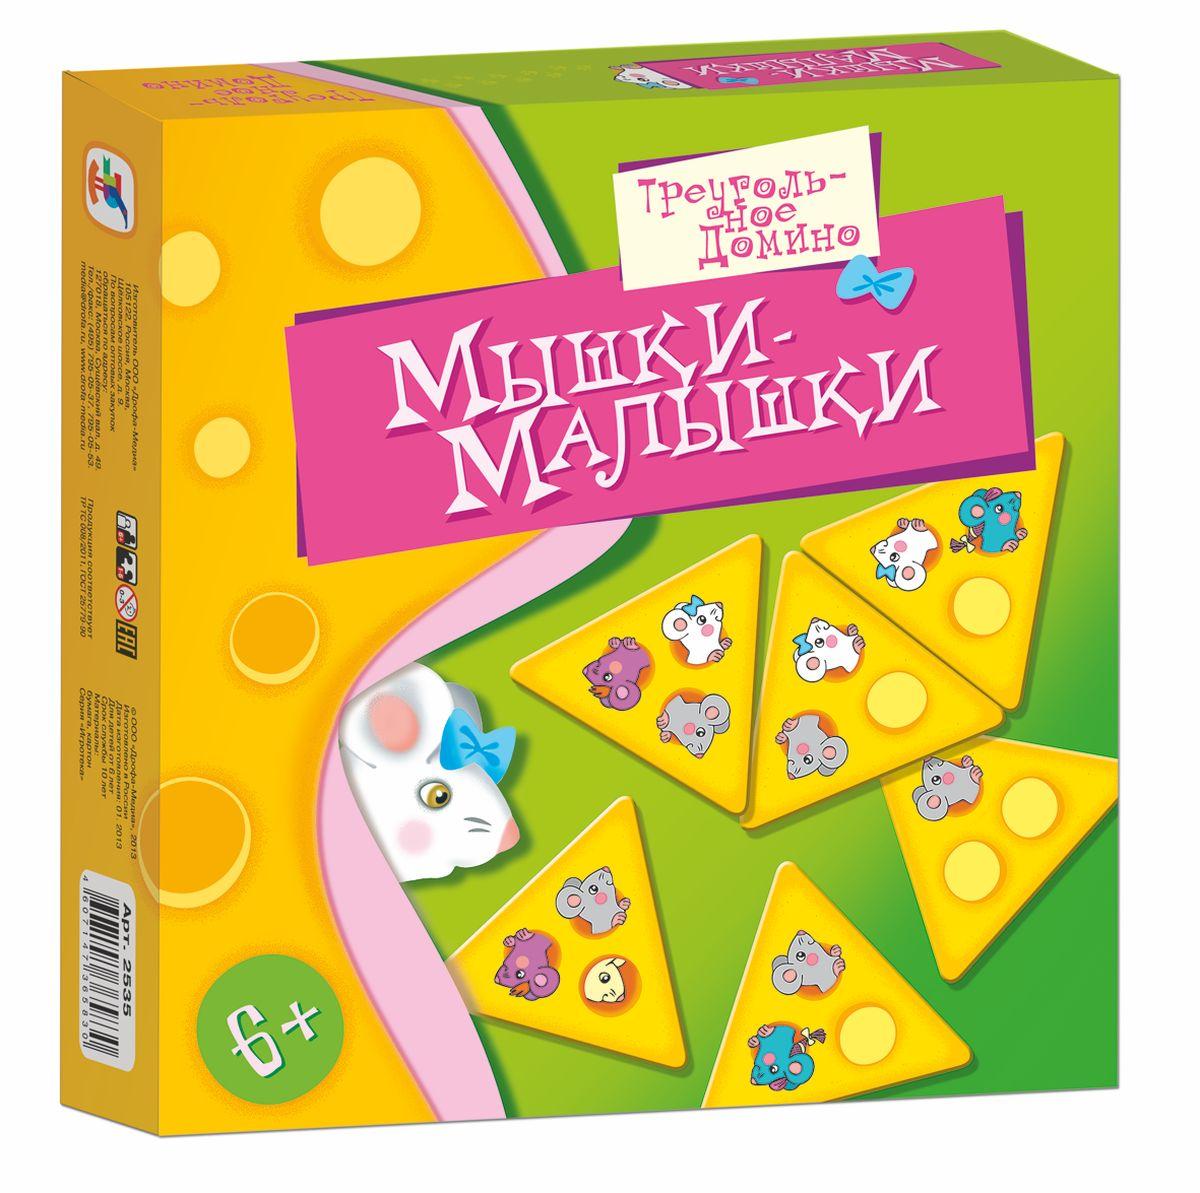 Дрофа-Медиа Обучающая игра Мышки-малышки дрофа медиа обучающая игра инструменты